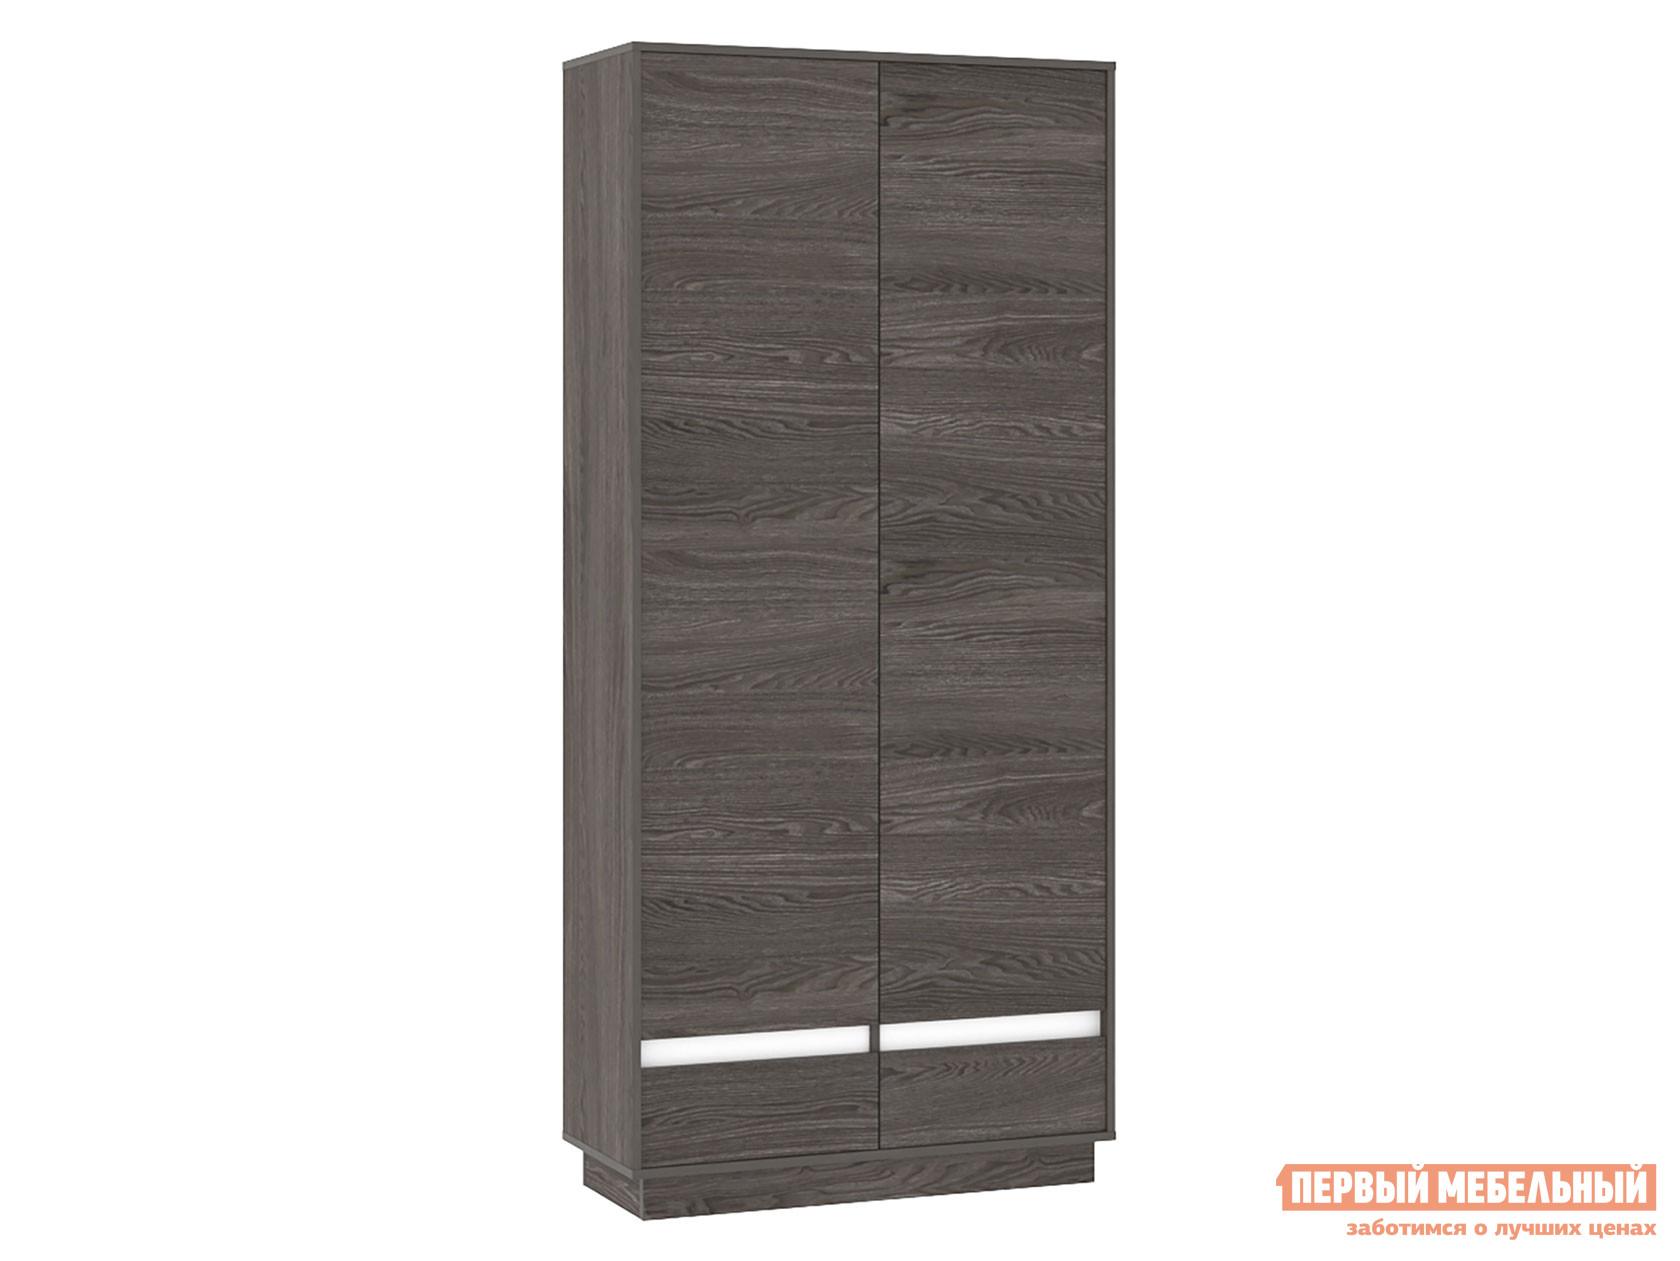 Распашной шкаф Первый Мебельный Шкаф для одежды 2-х дв. Вирджиния 011.19 распашной шкаф шкаф для одежды 3 х дв melania melania